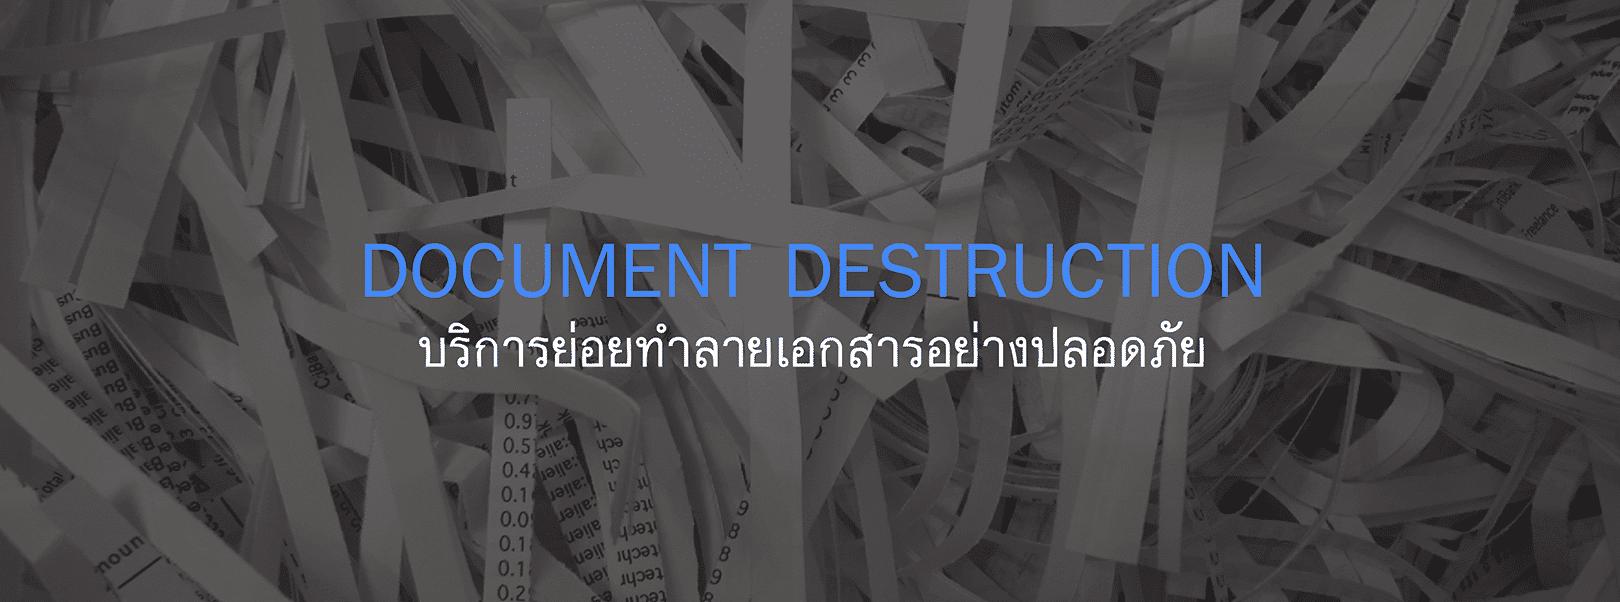 ชื่อรูป: Banner DATA NEW WEBSite Ricco.4 06 ประกอบเนื้อหา: DOCUMENT DESTRUCTION